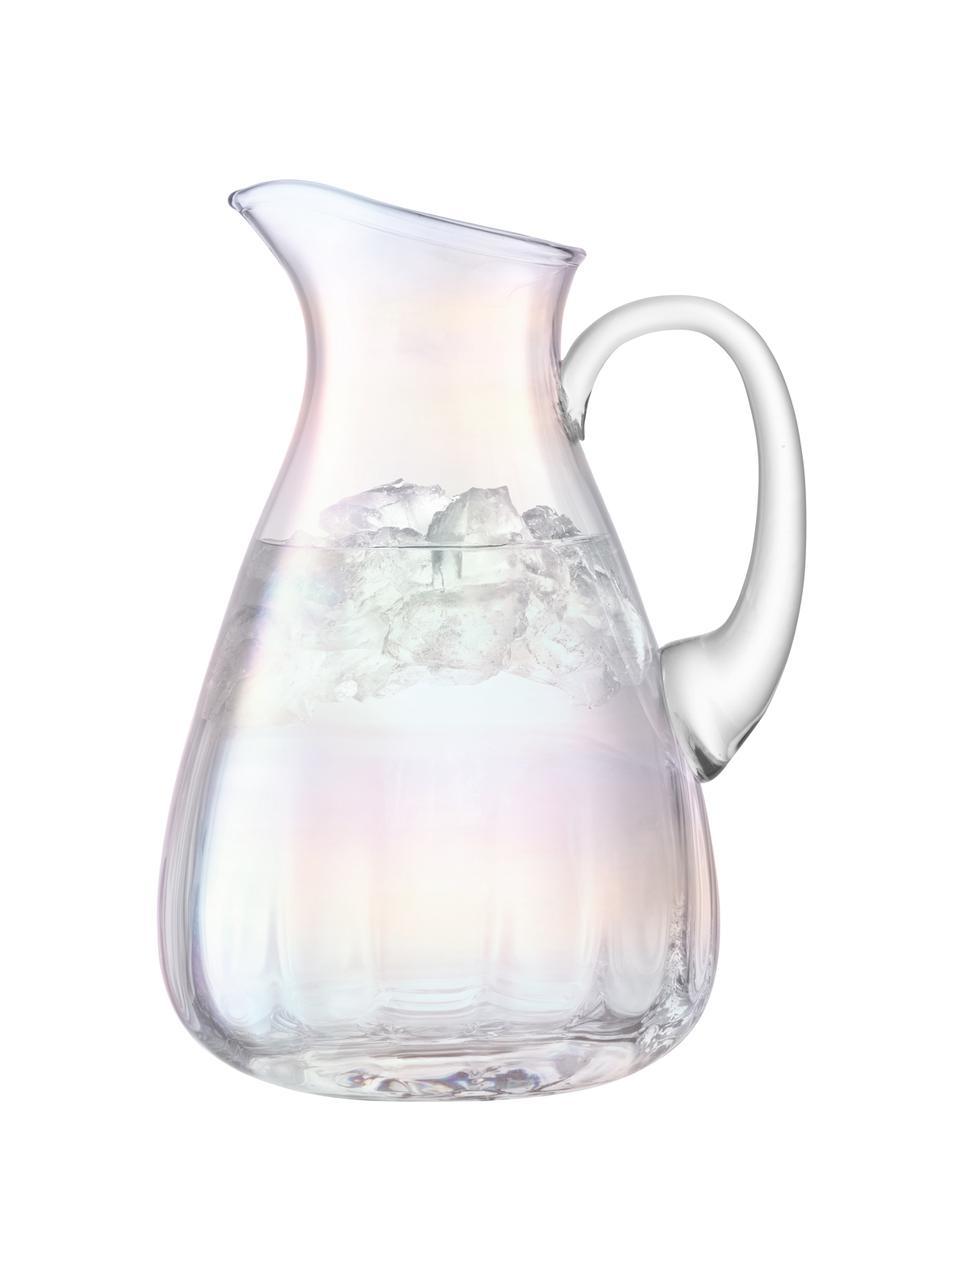 Brocca in vetro soffiato Pearl, 2.2 L, Vetro, Riflessi madreperlacei, 2.2 L